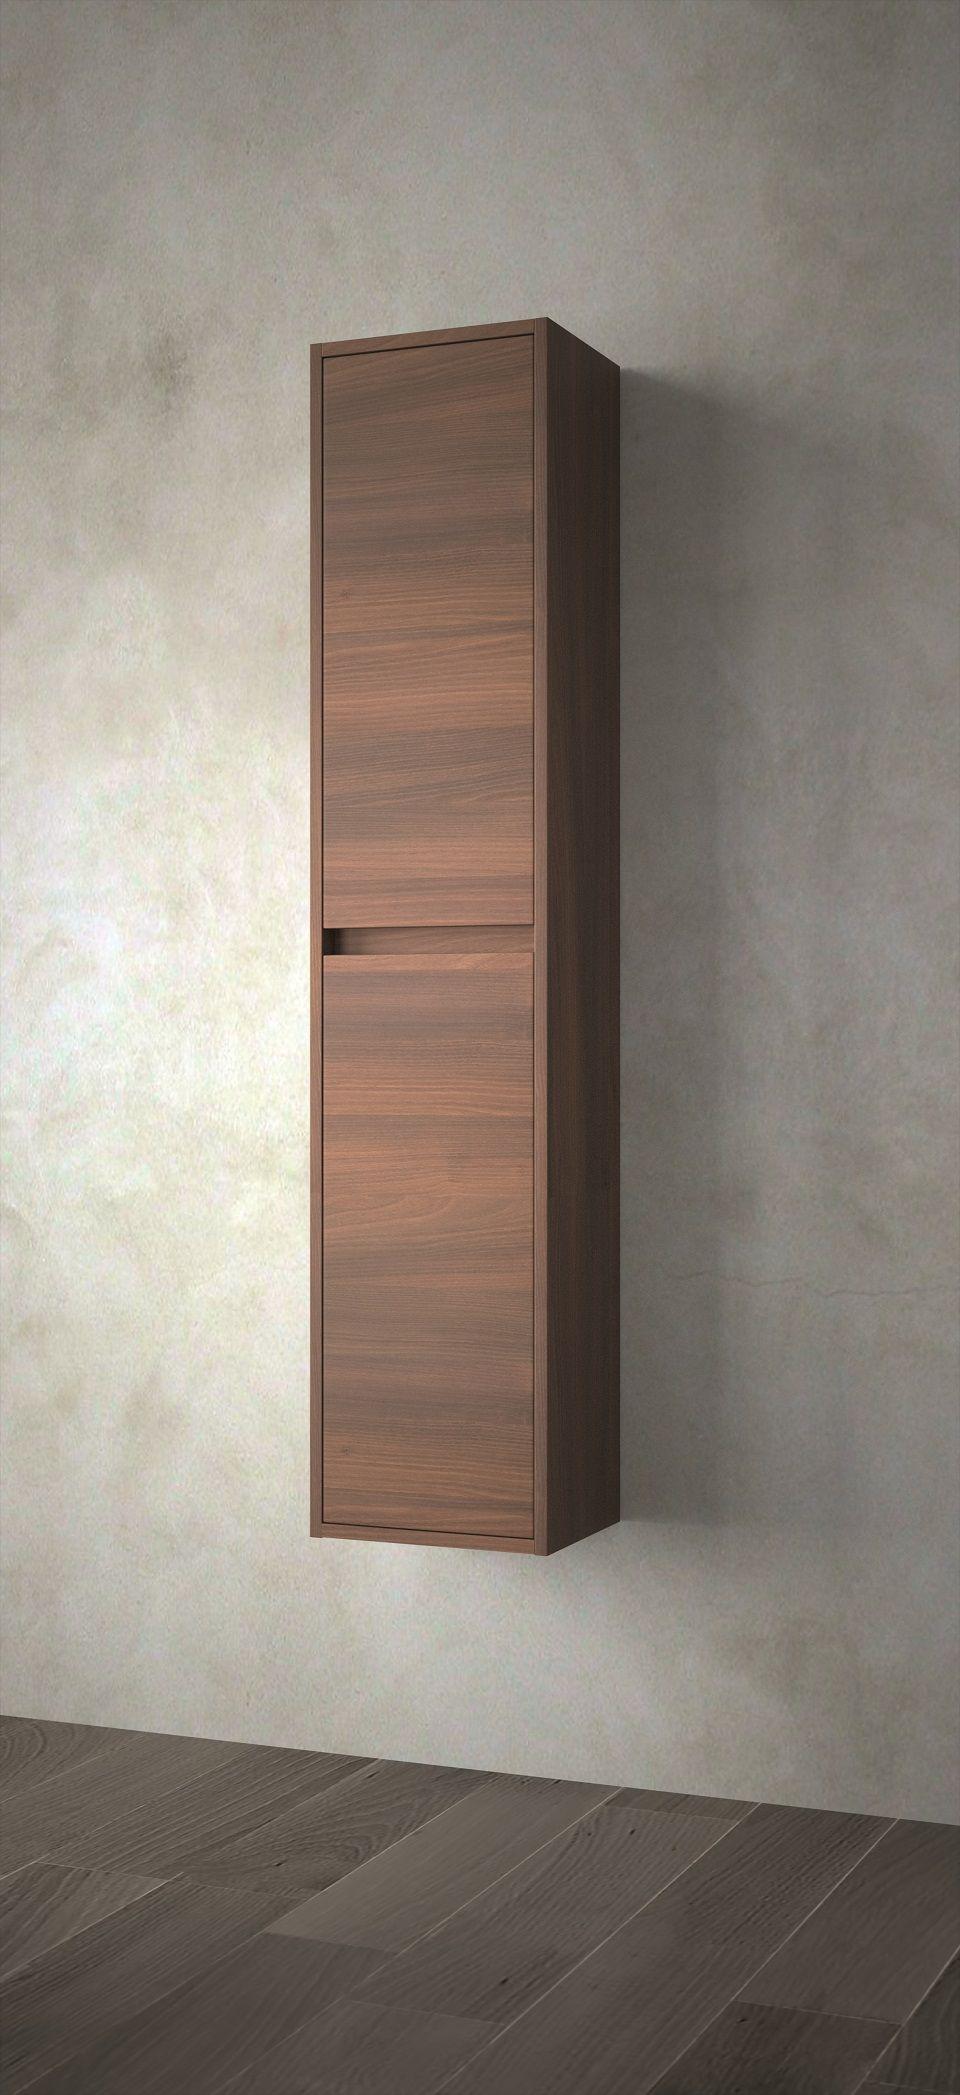 Muebles Project badkamerkast 140x30x24cm brown acacia